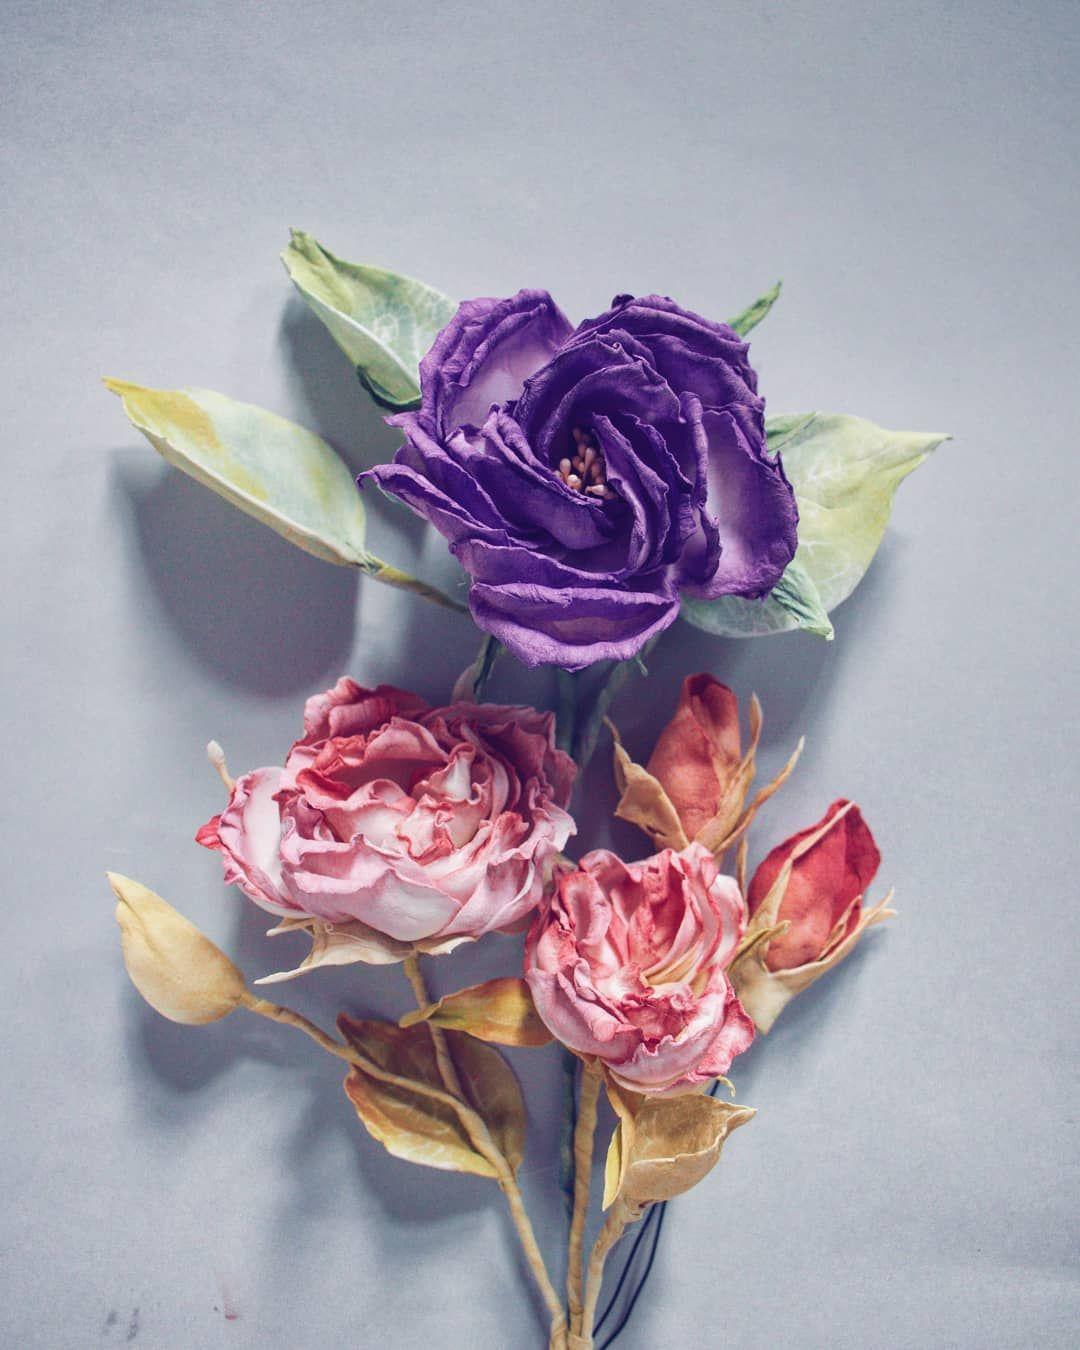 Chcecie Czasami Zrobic Piekne Kwiatowe Zdjecie Na Instagrama No Ale Wlasnie Nie Macie Kwiatow Problem R Handmade Flowers Paper Flowers Flat Lay Photography